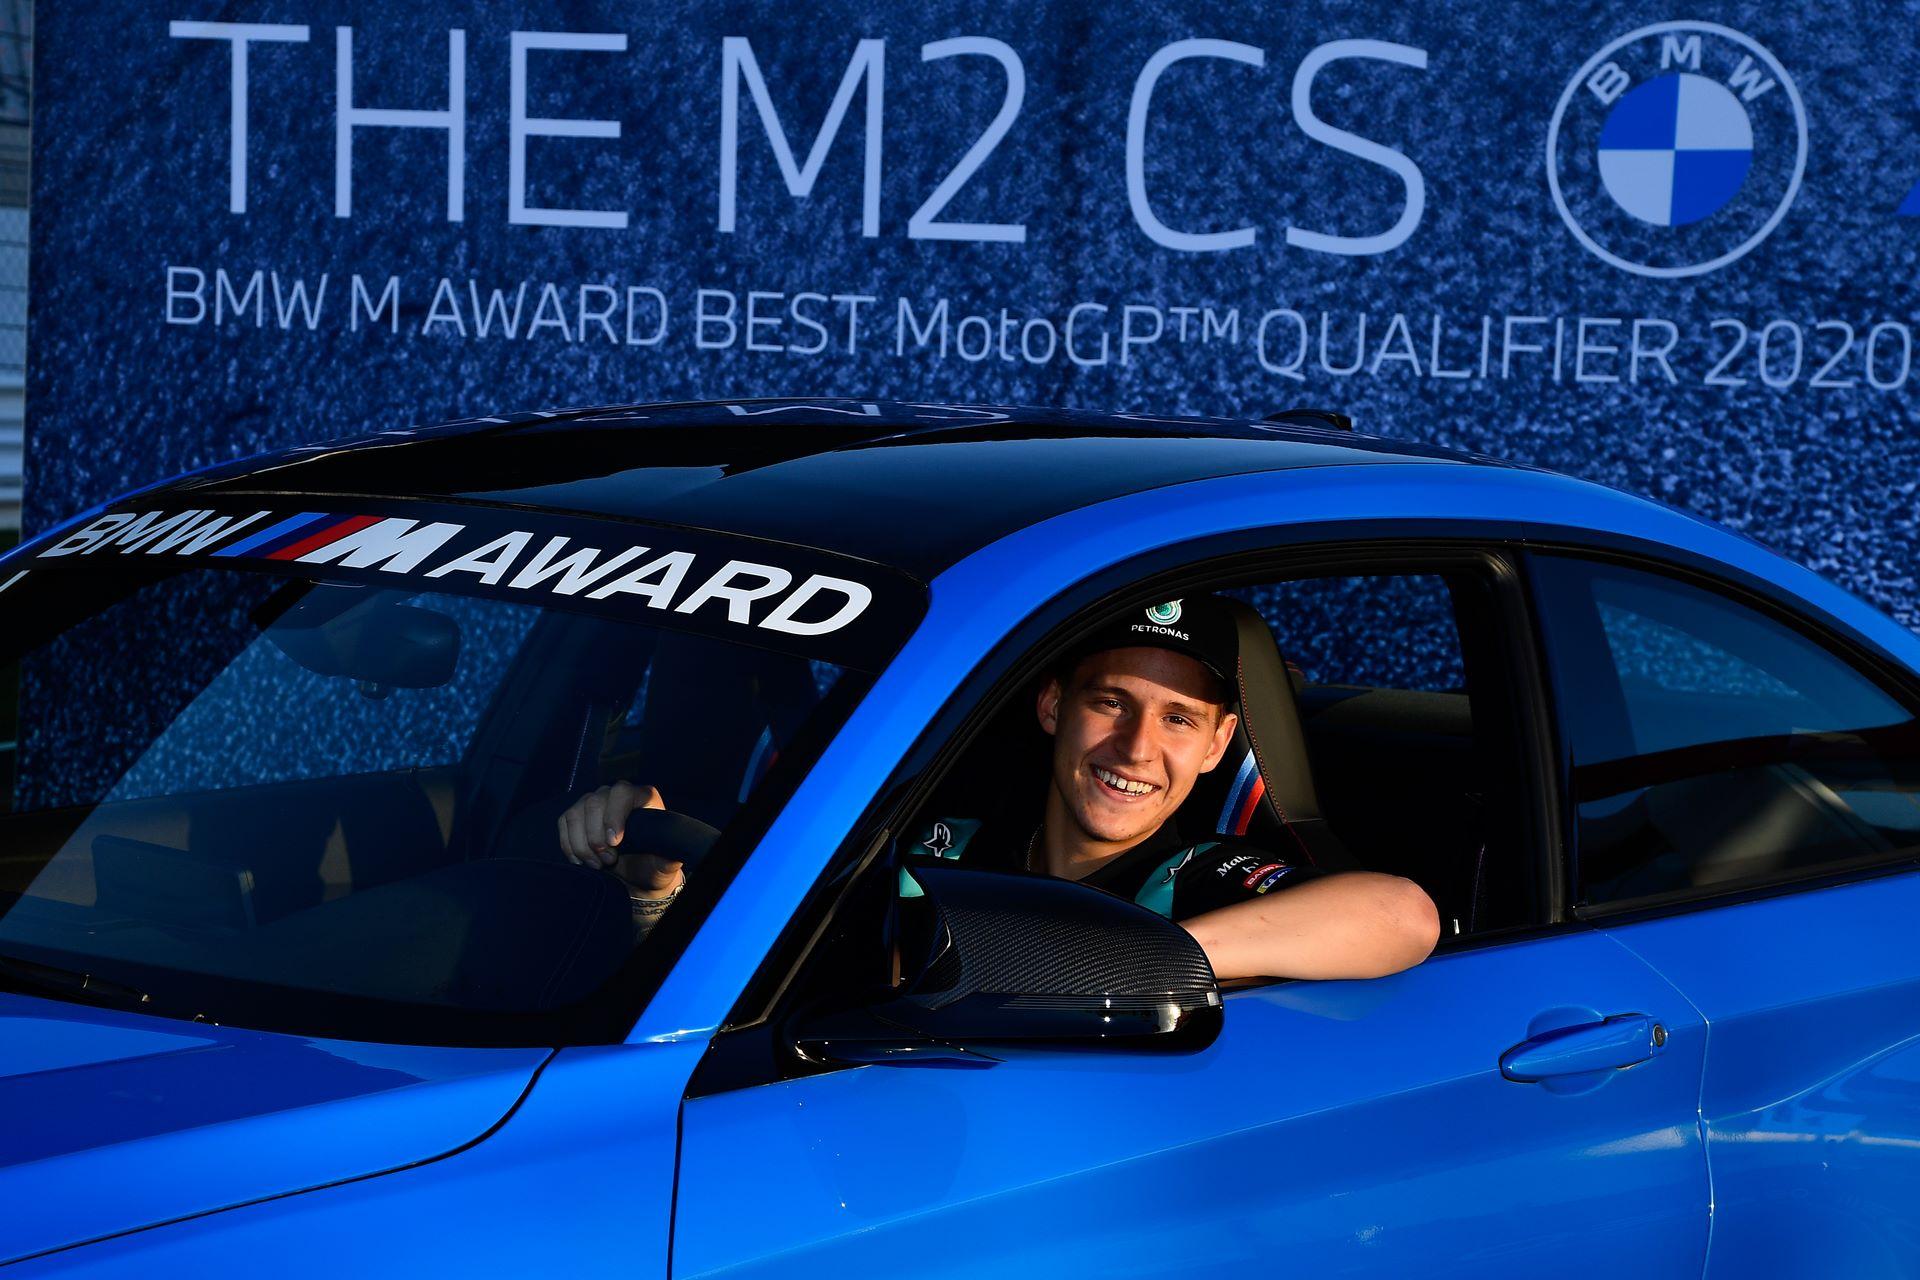 BMW-M2-CS-Fabio-Quartararo-6